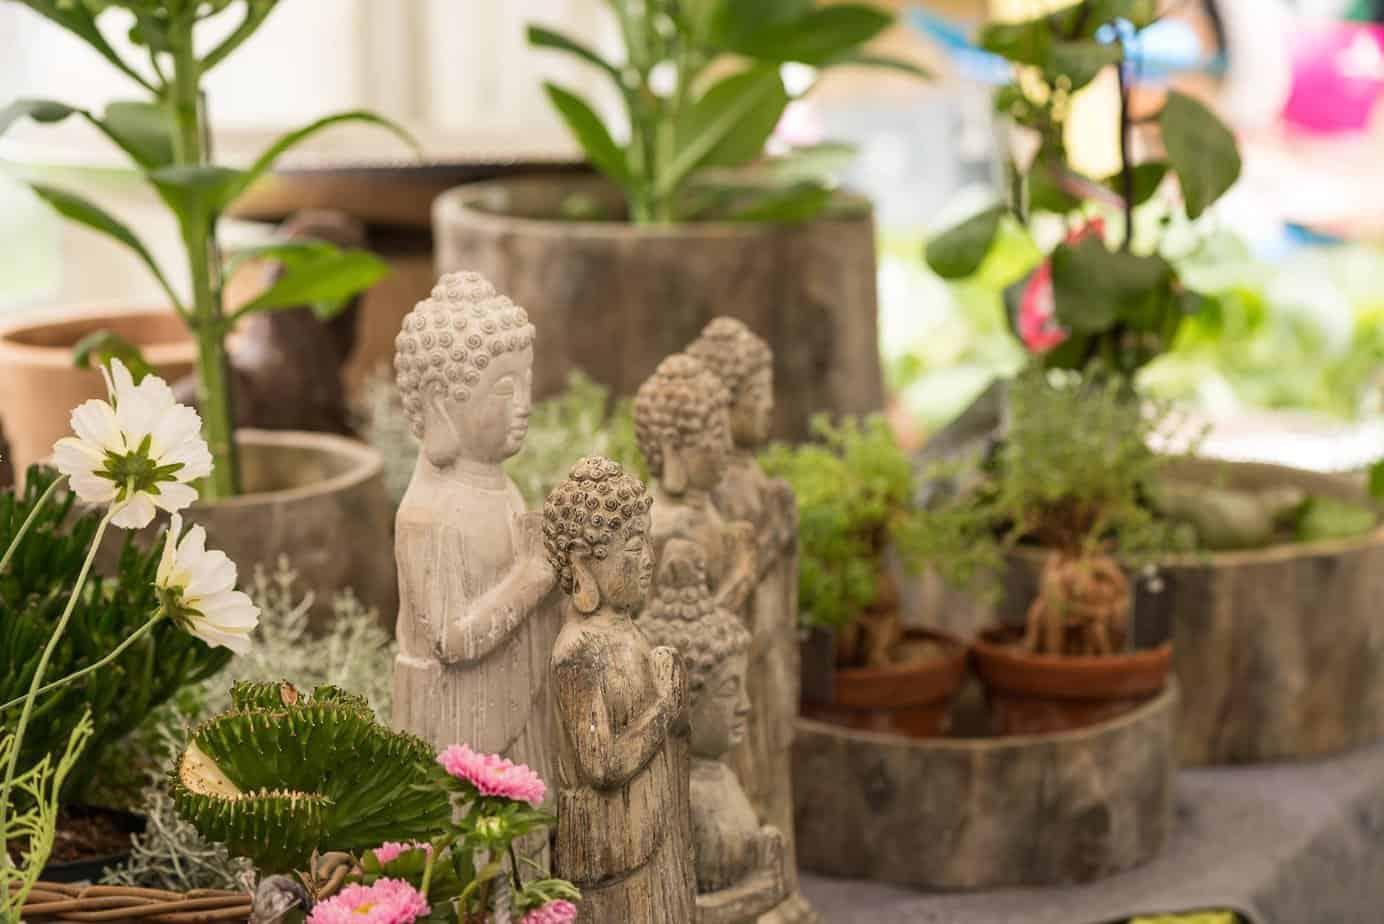 Faszination Garten faszination garten 27 29 5 2016 lechner floristik